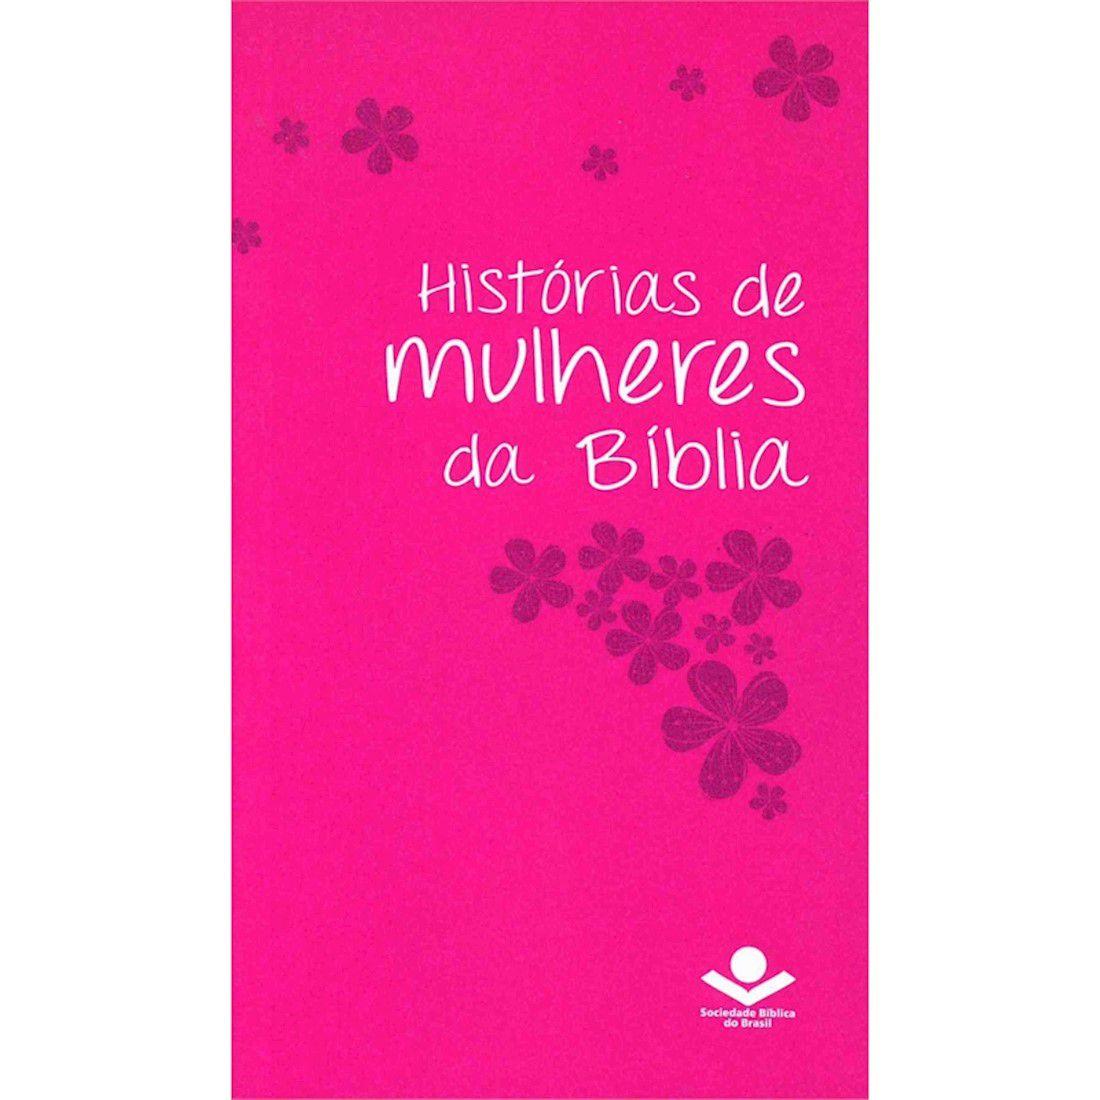 Livro Histórias de Mulheres da Bíblia